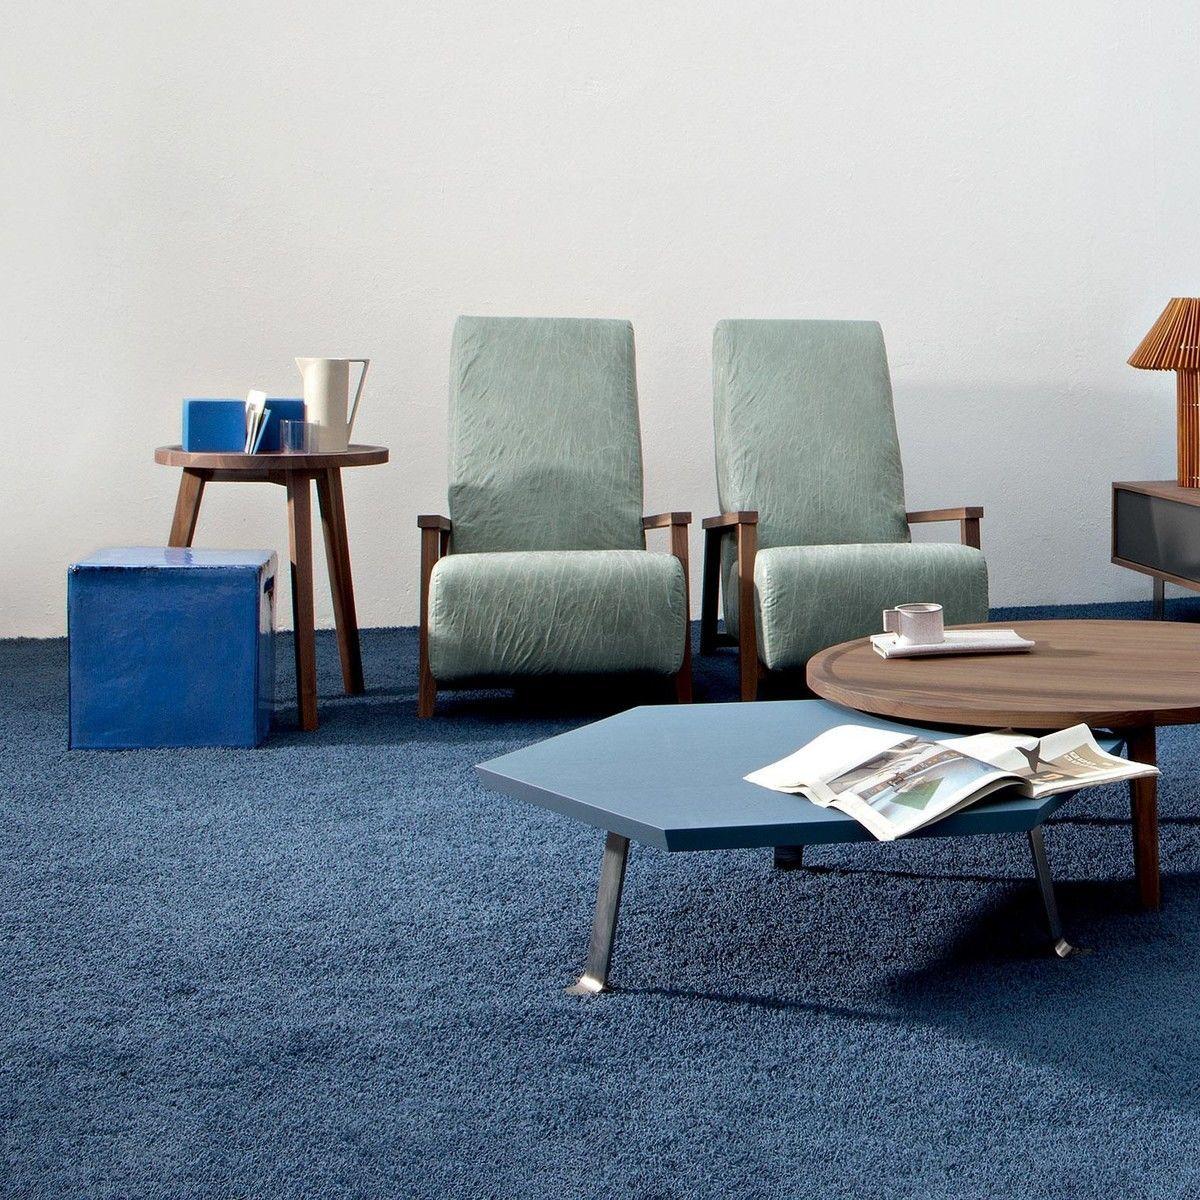 Gray 44 Beistelltisch | Gervasoni | AmbienteDirect.com